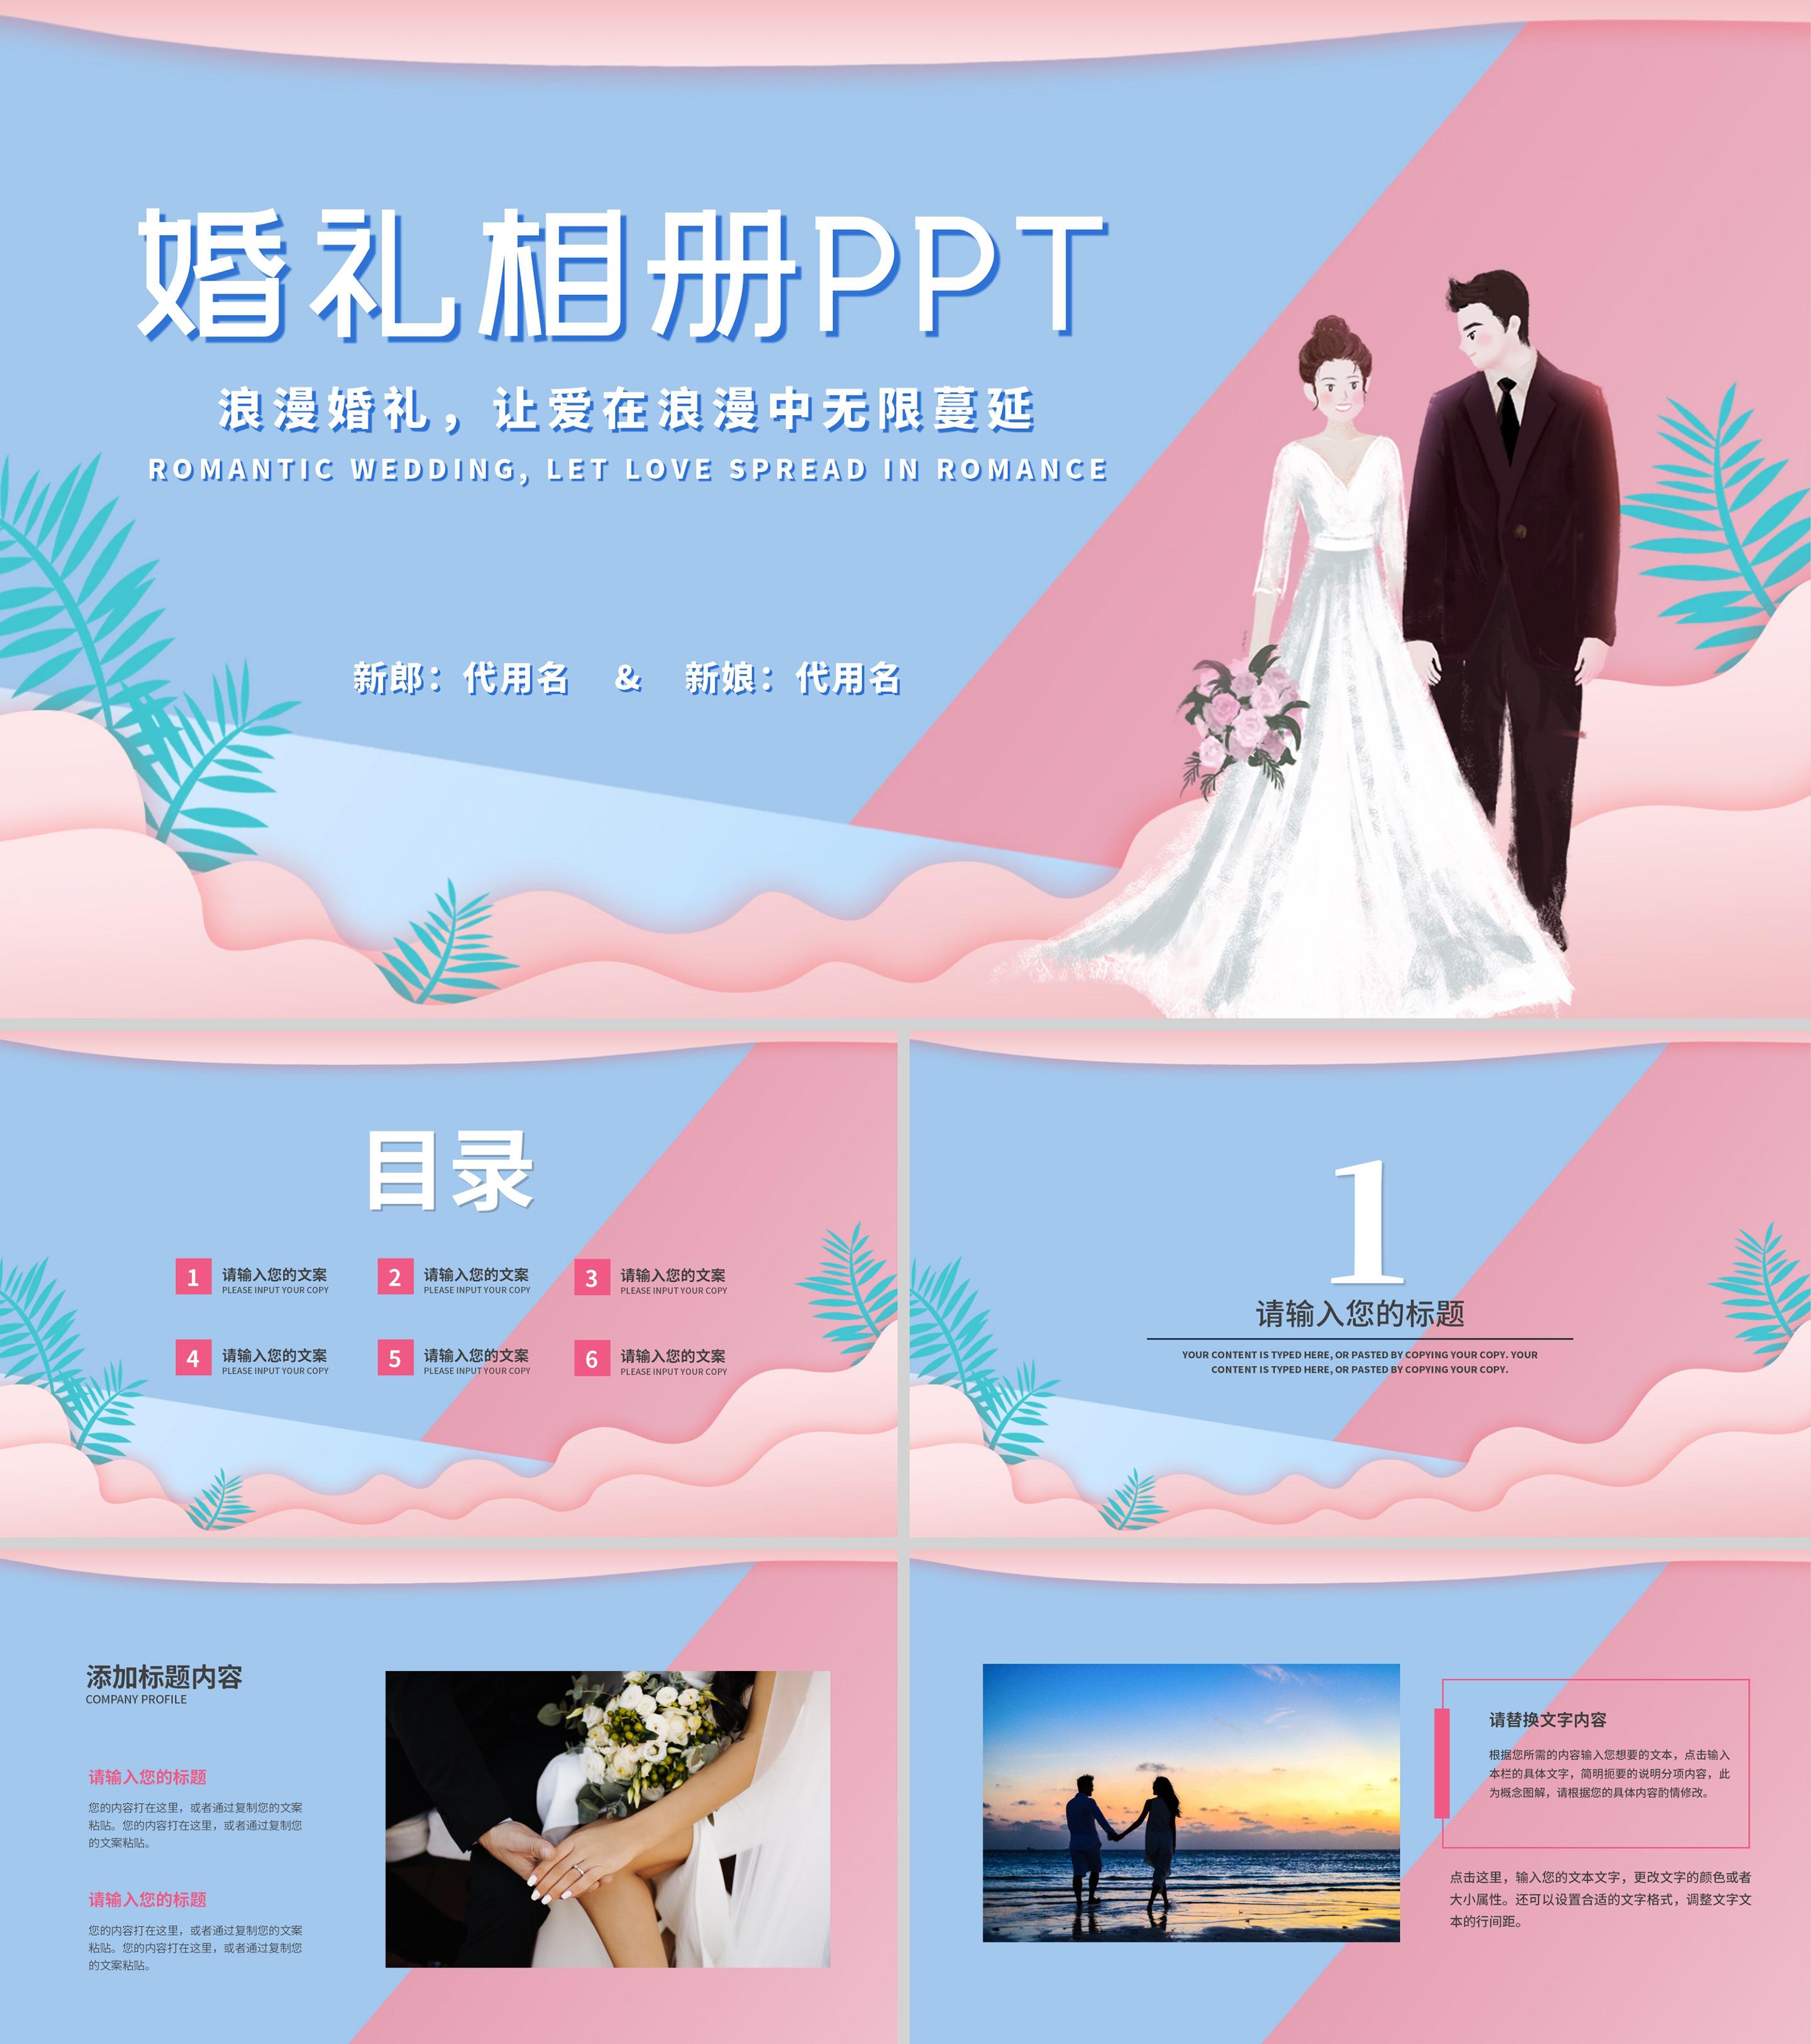 蓝粉撞色婚礼相册PPT模板